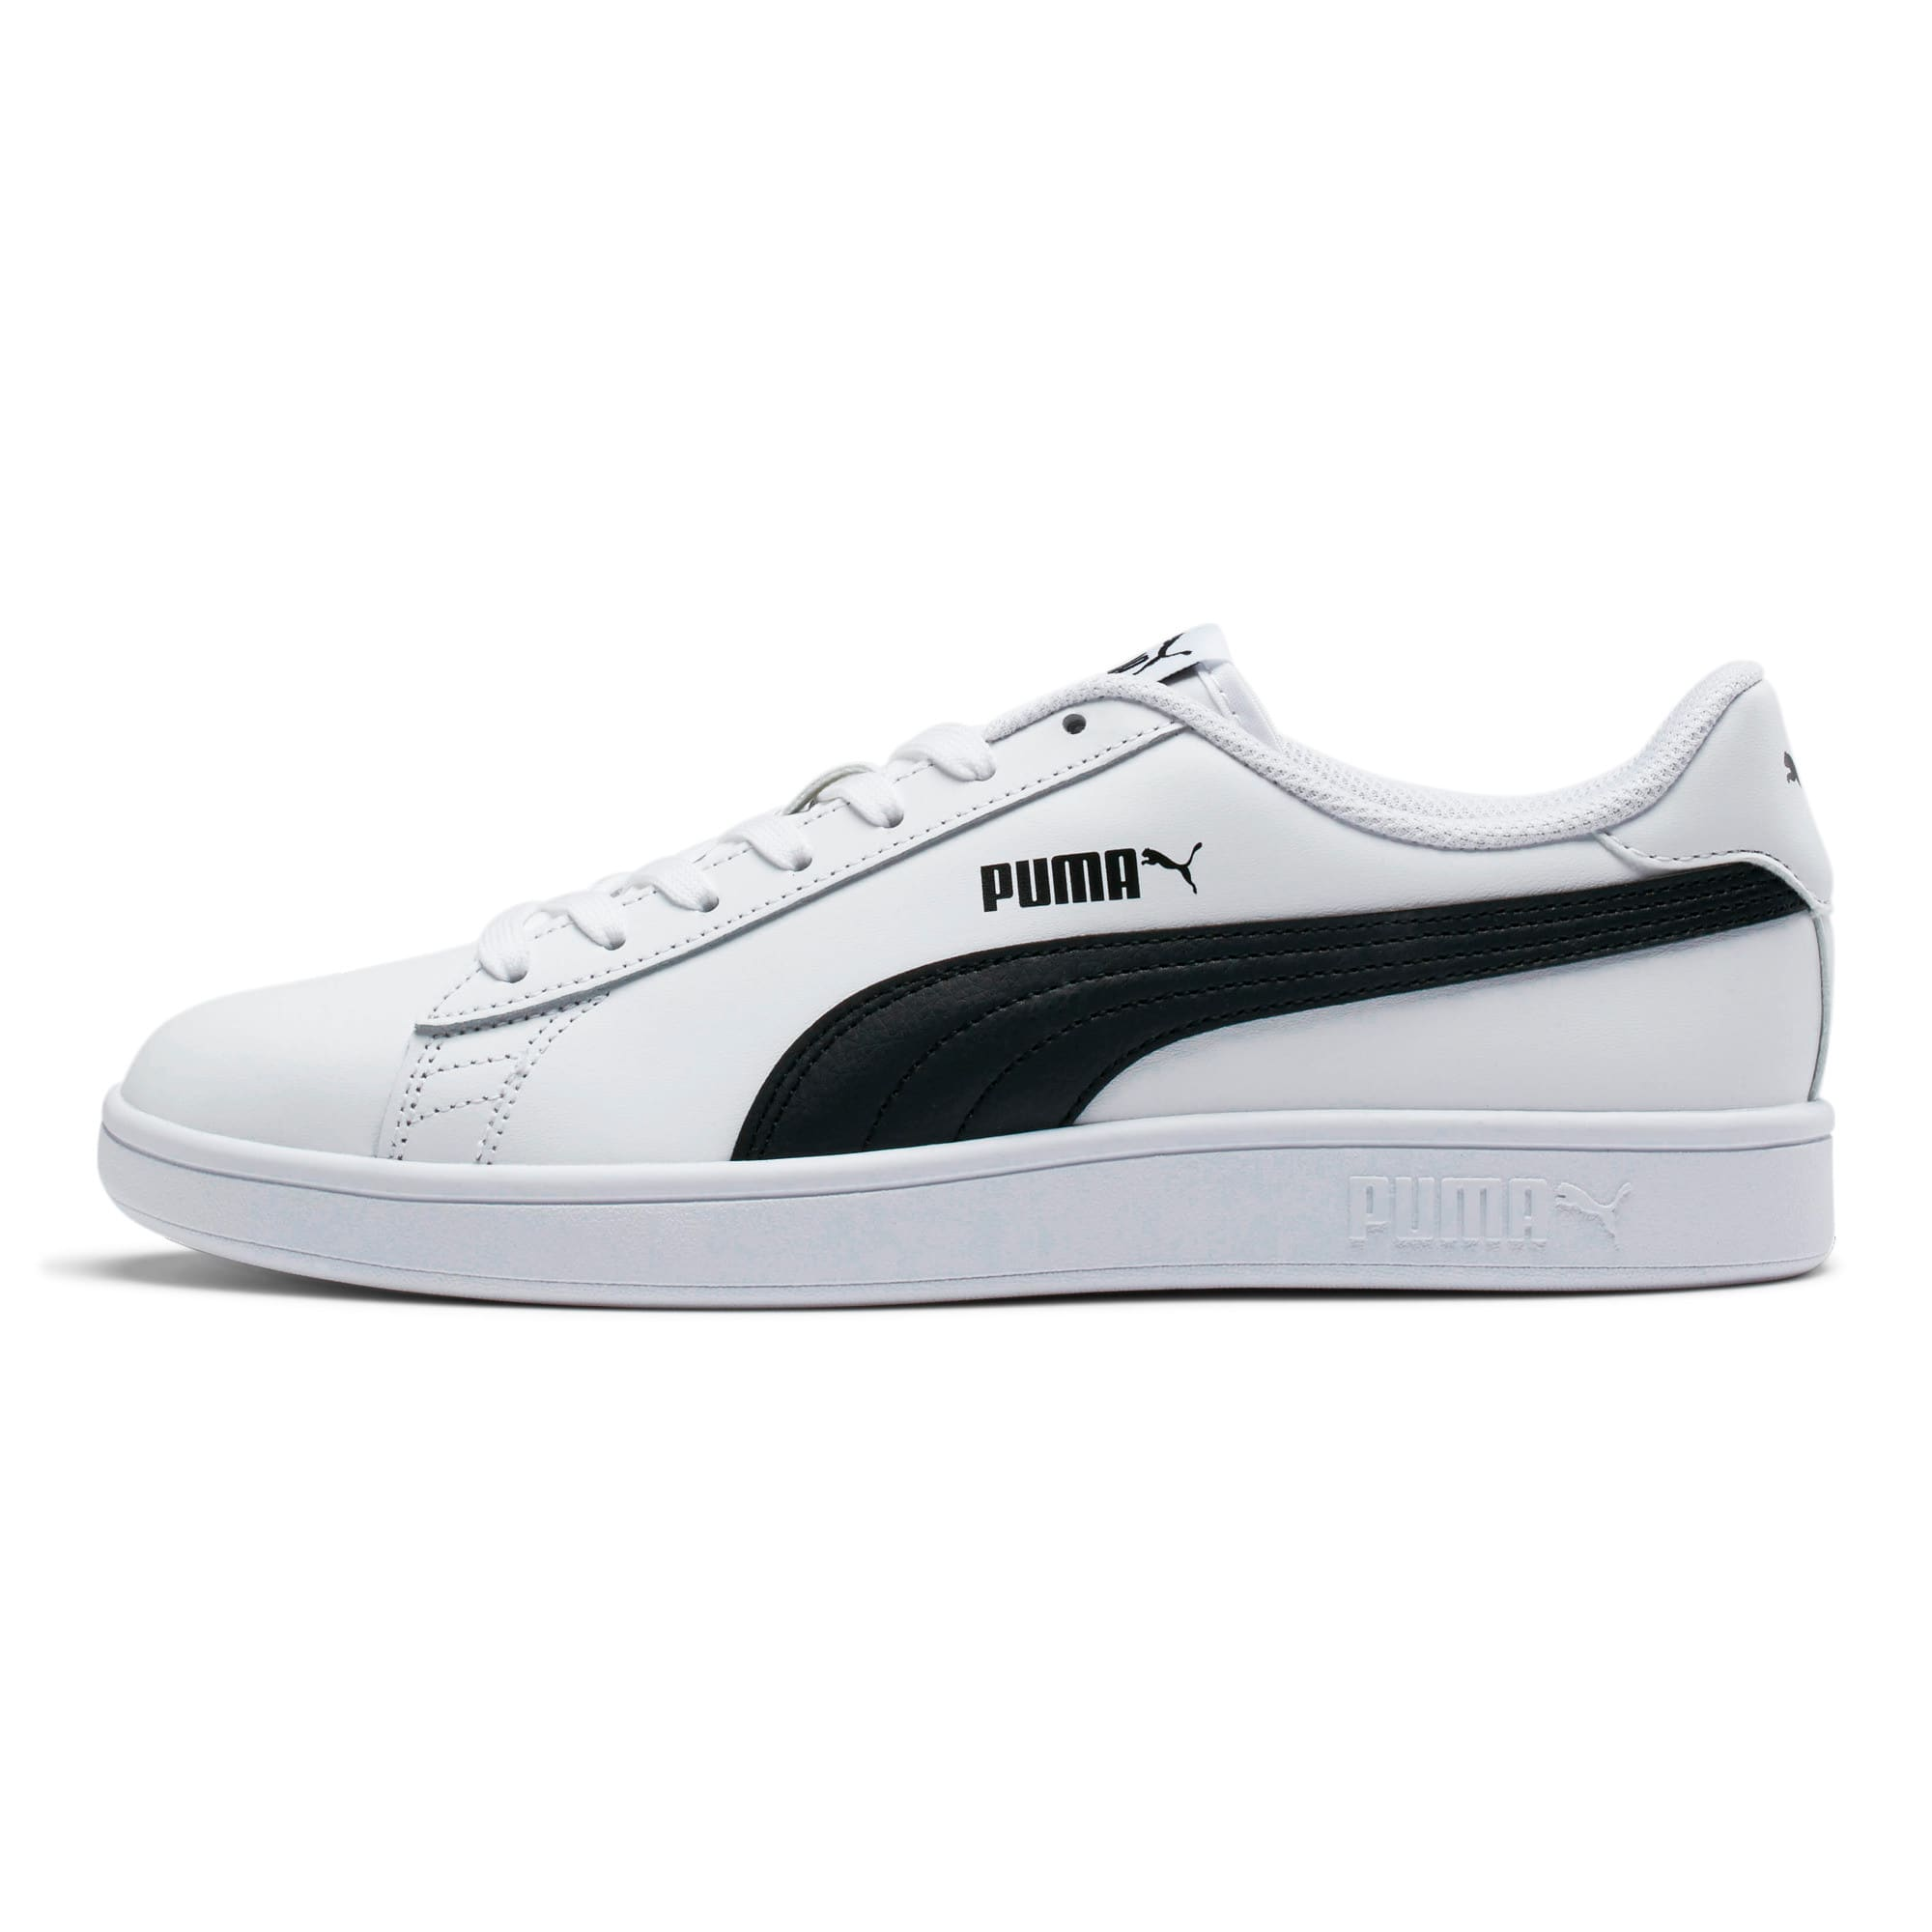 Thumbnail 1 of PUMA Smash v2 Sneakers, Puma White-Puma Black, medium